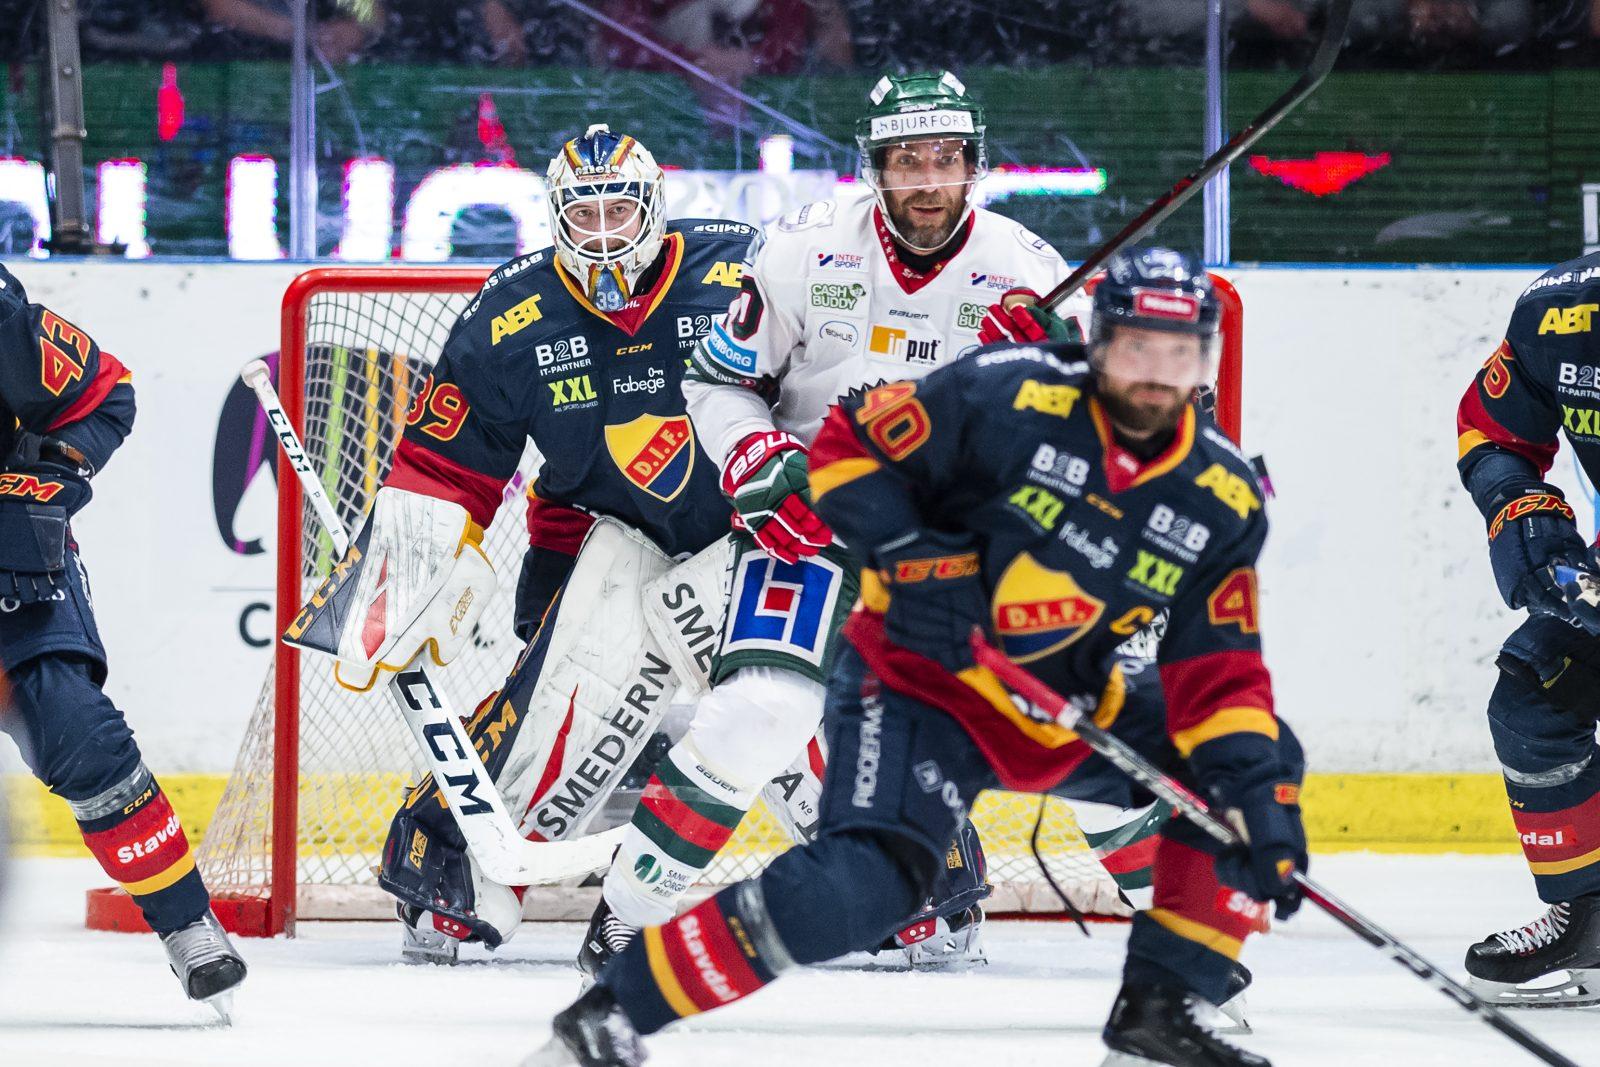 KLART: Målvaktsstjärnan lämnar för KHL